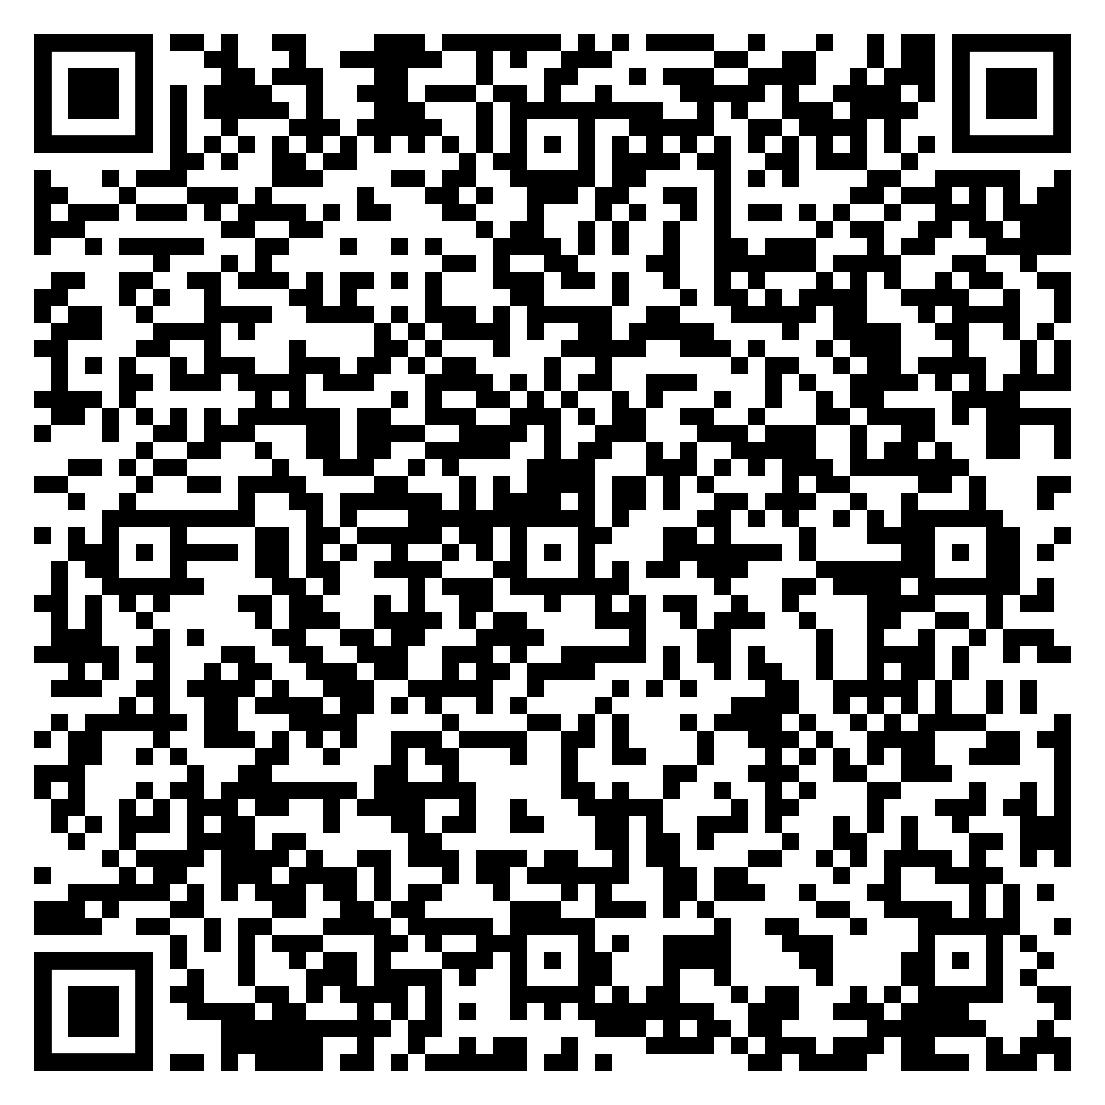 Johannes Hirsch Visitenkarte als QR Code